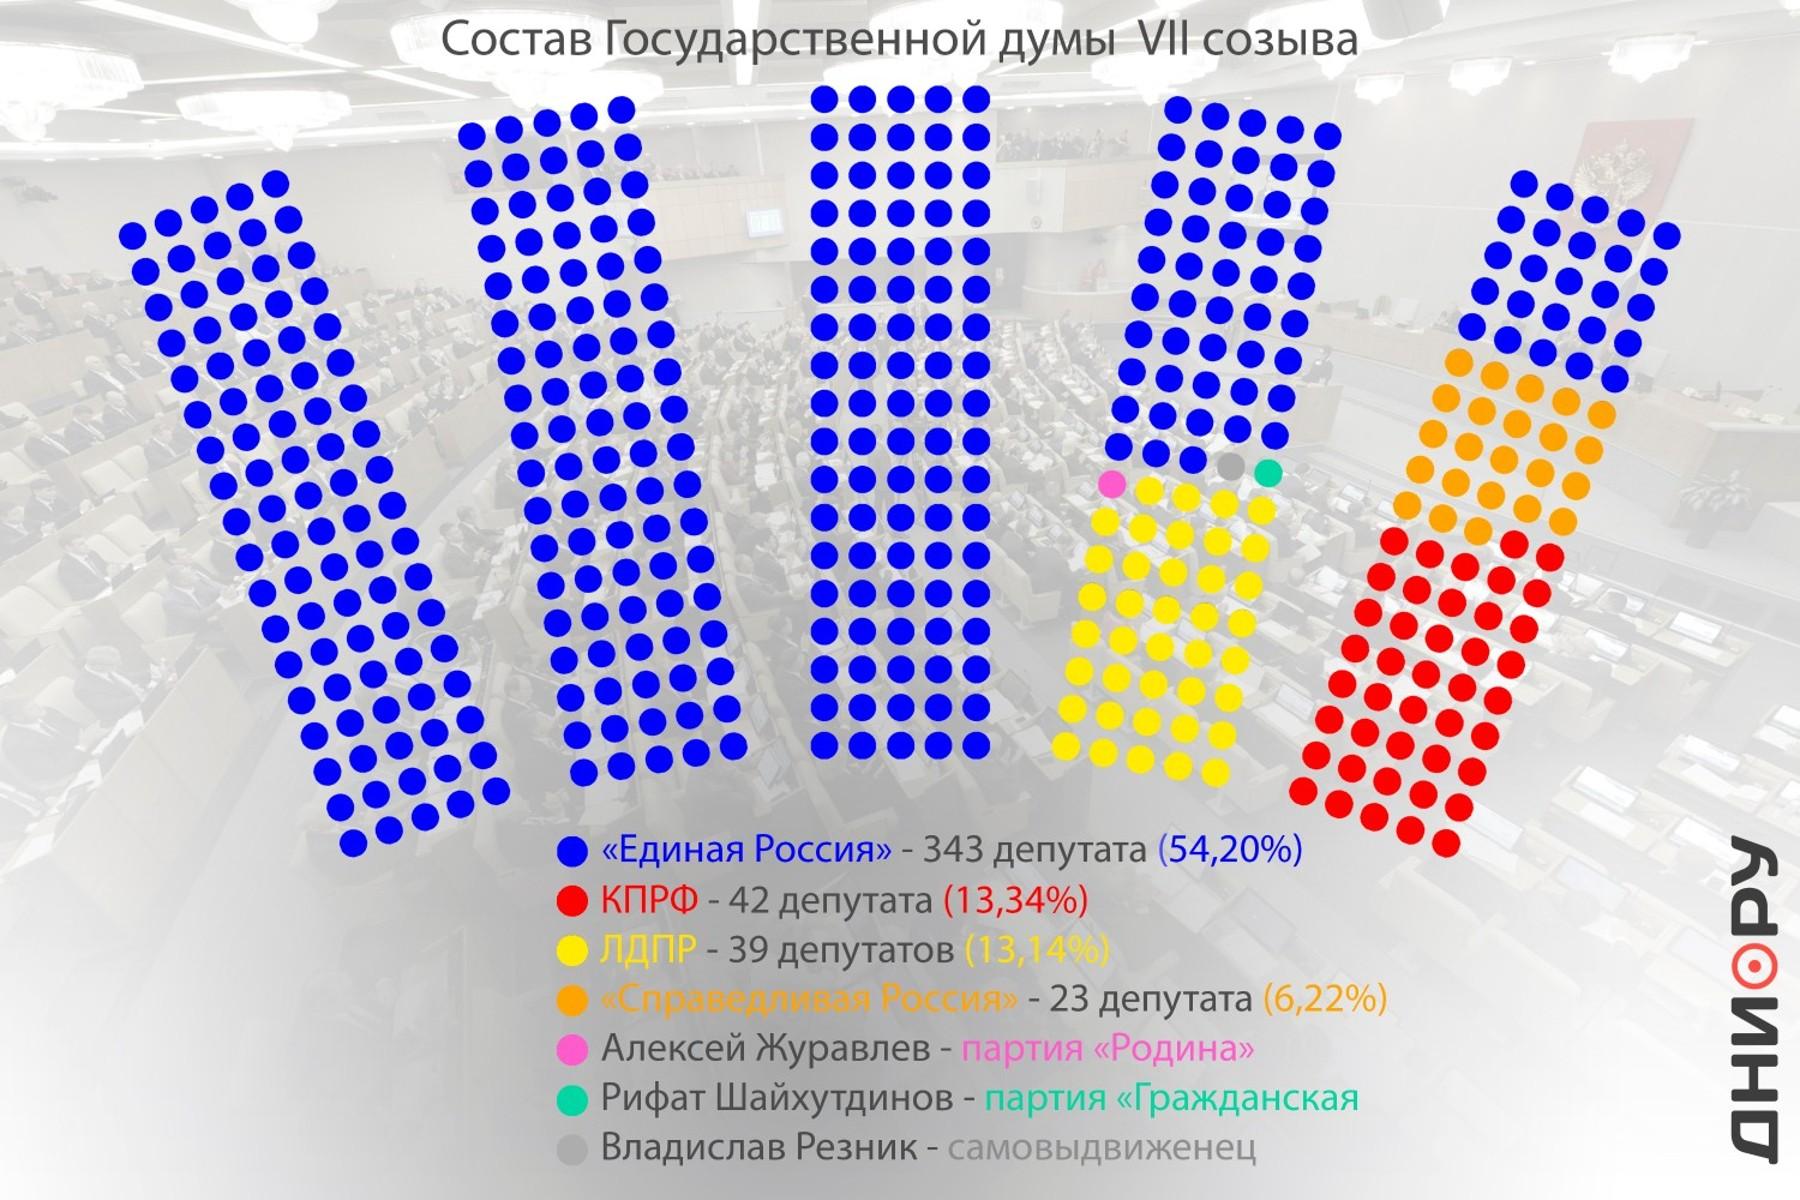 Петр КОзлов/dni.ru